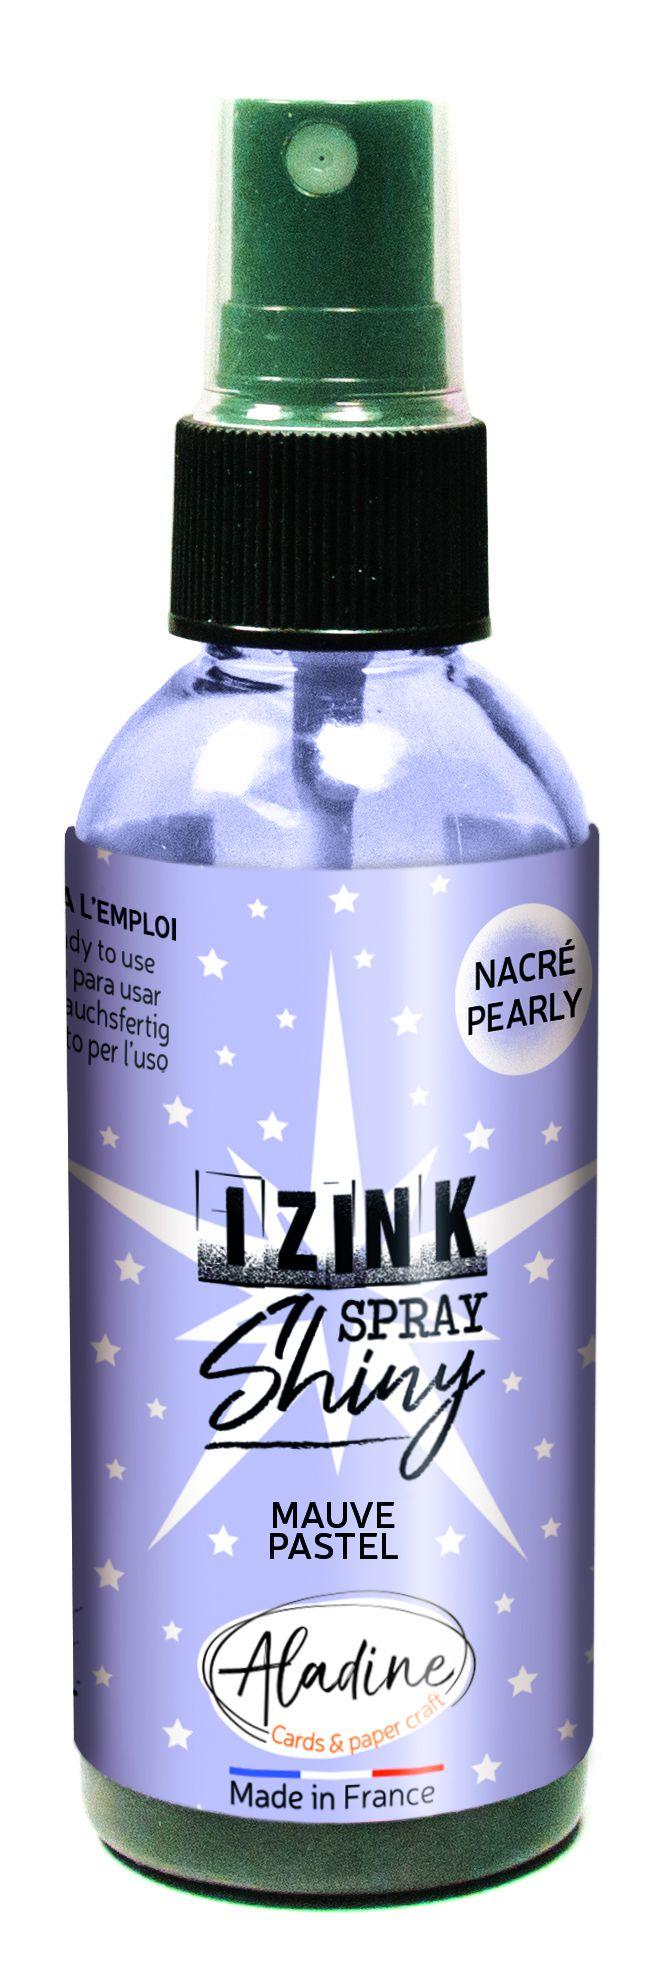 ENCRE IZINK AUX REFLETS NACRES - Mauve Pastel